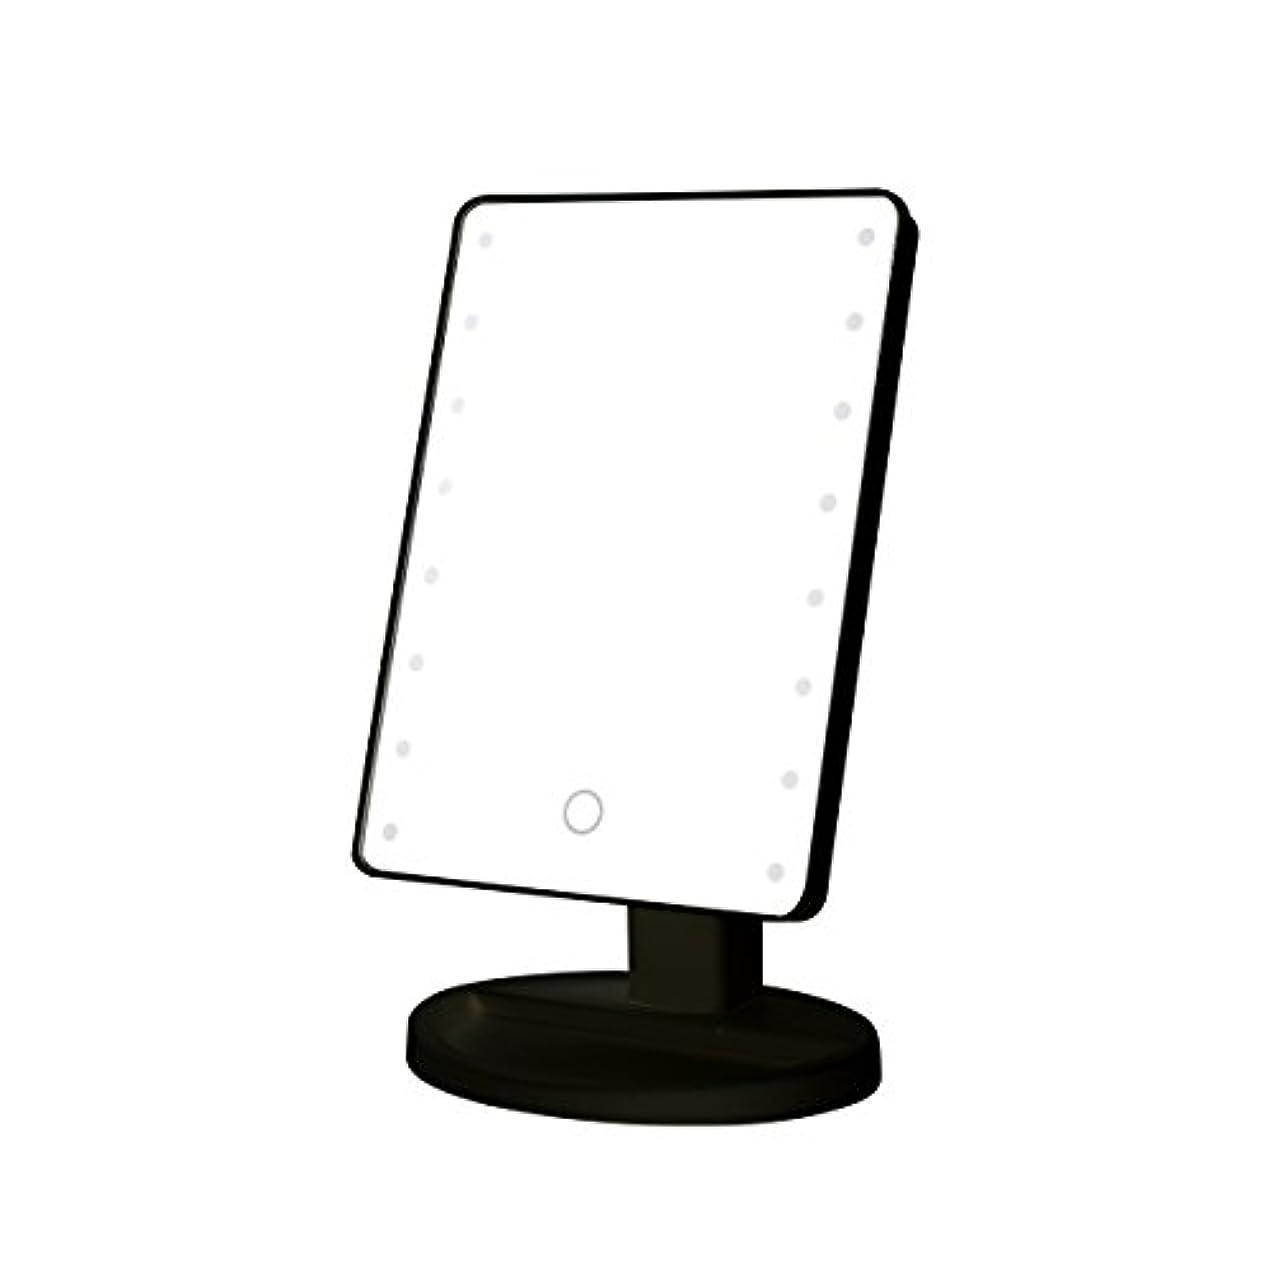 スーパーマーケット深める比較的B-PING 鏡 卓上 化粧鏡 16LEDライト搭載 女優ミラー 卓上ミラー 180度回転 電池給電 プレゼント メイク 化粧道具 メイクアップミラー (ブラック )